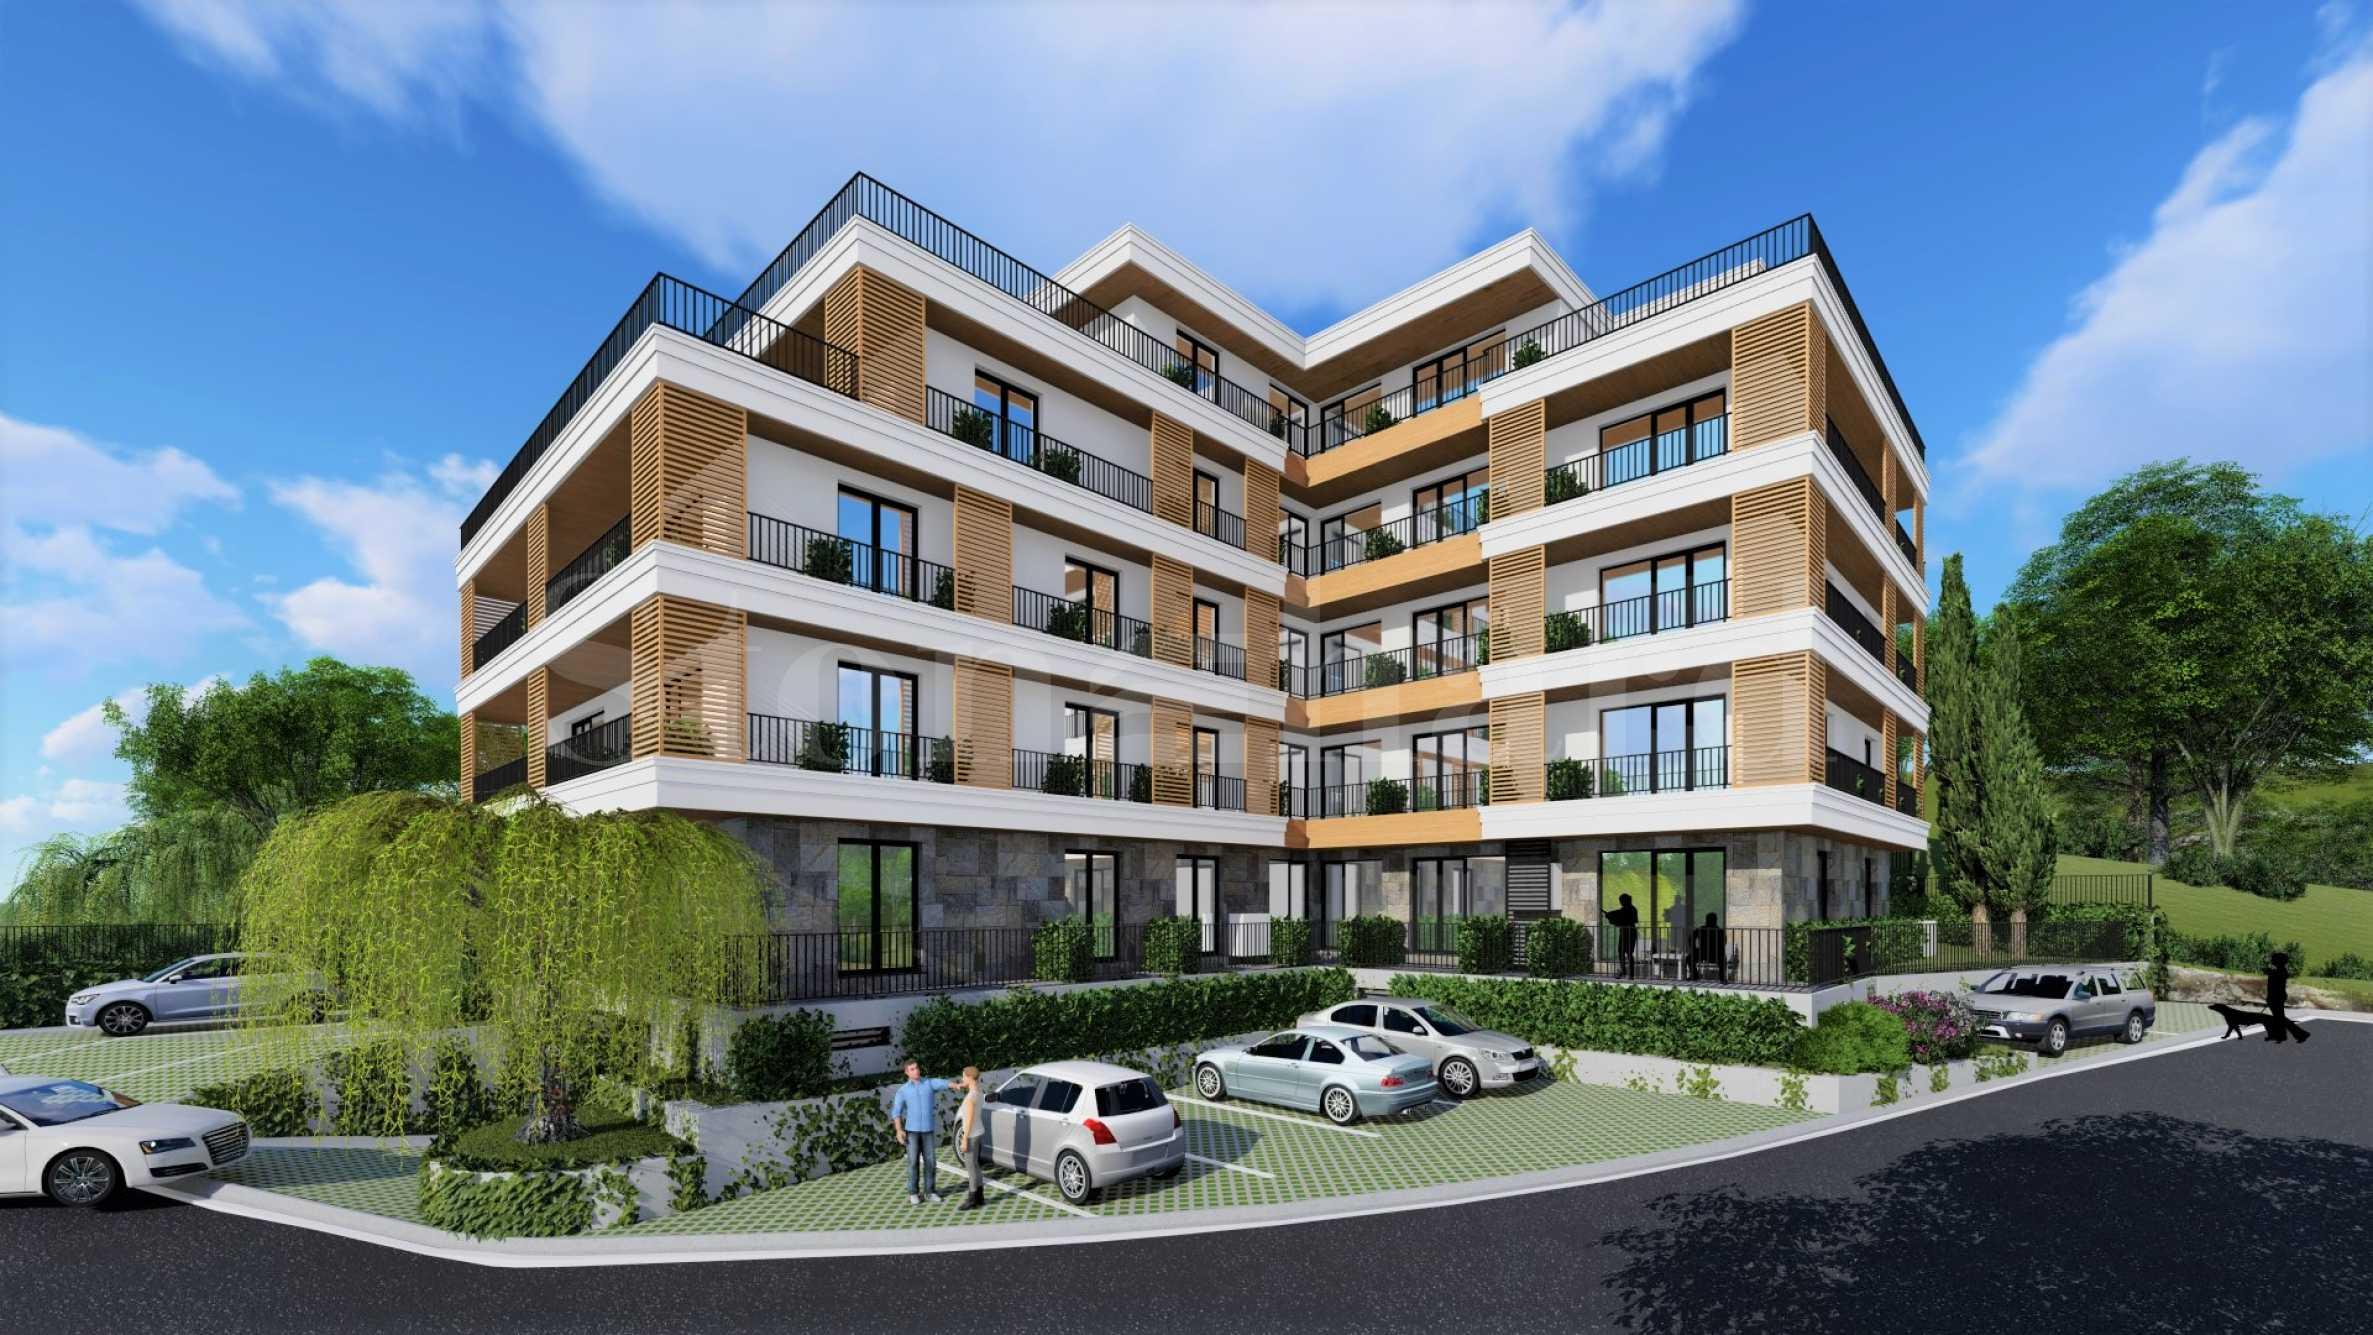 New elegant complex in a Briz quarter in the city of Varna, Bulgaria1 - Stonehard